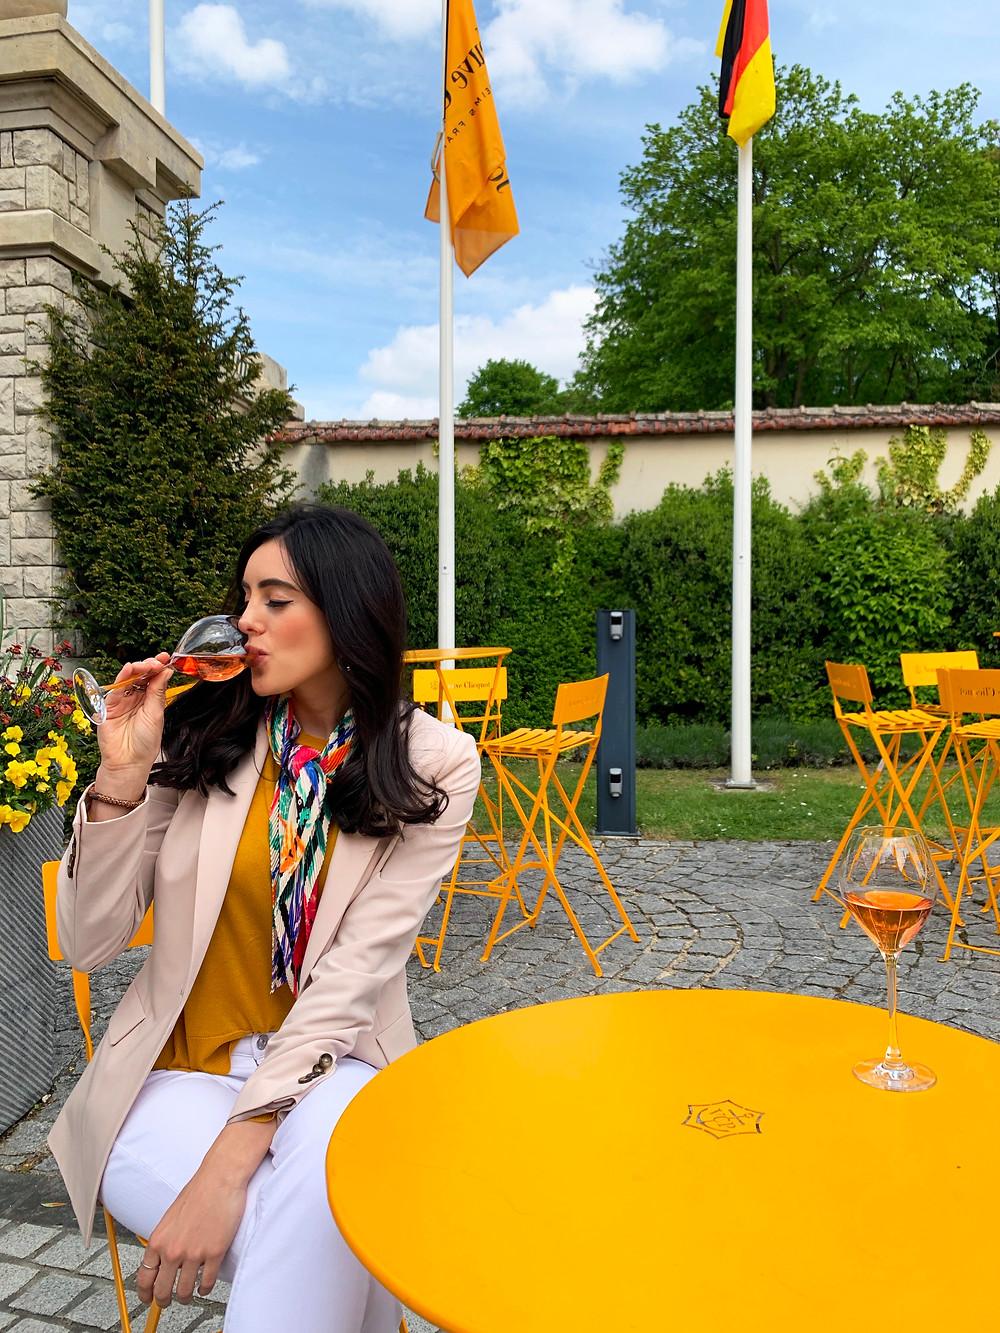 Veuve Clicquot, Reims France, Travel